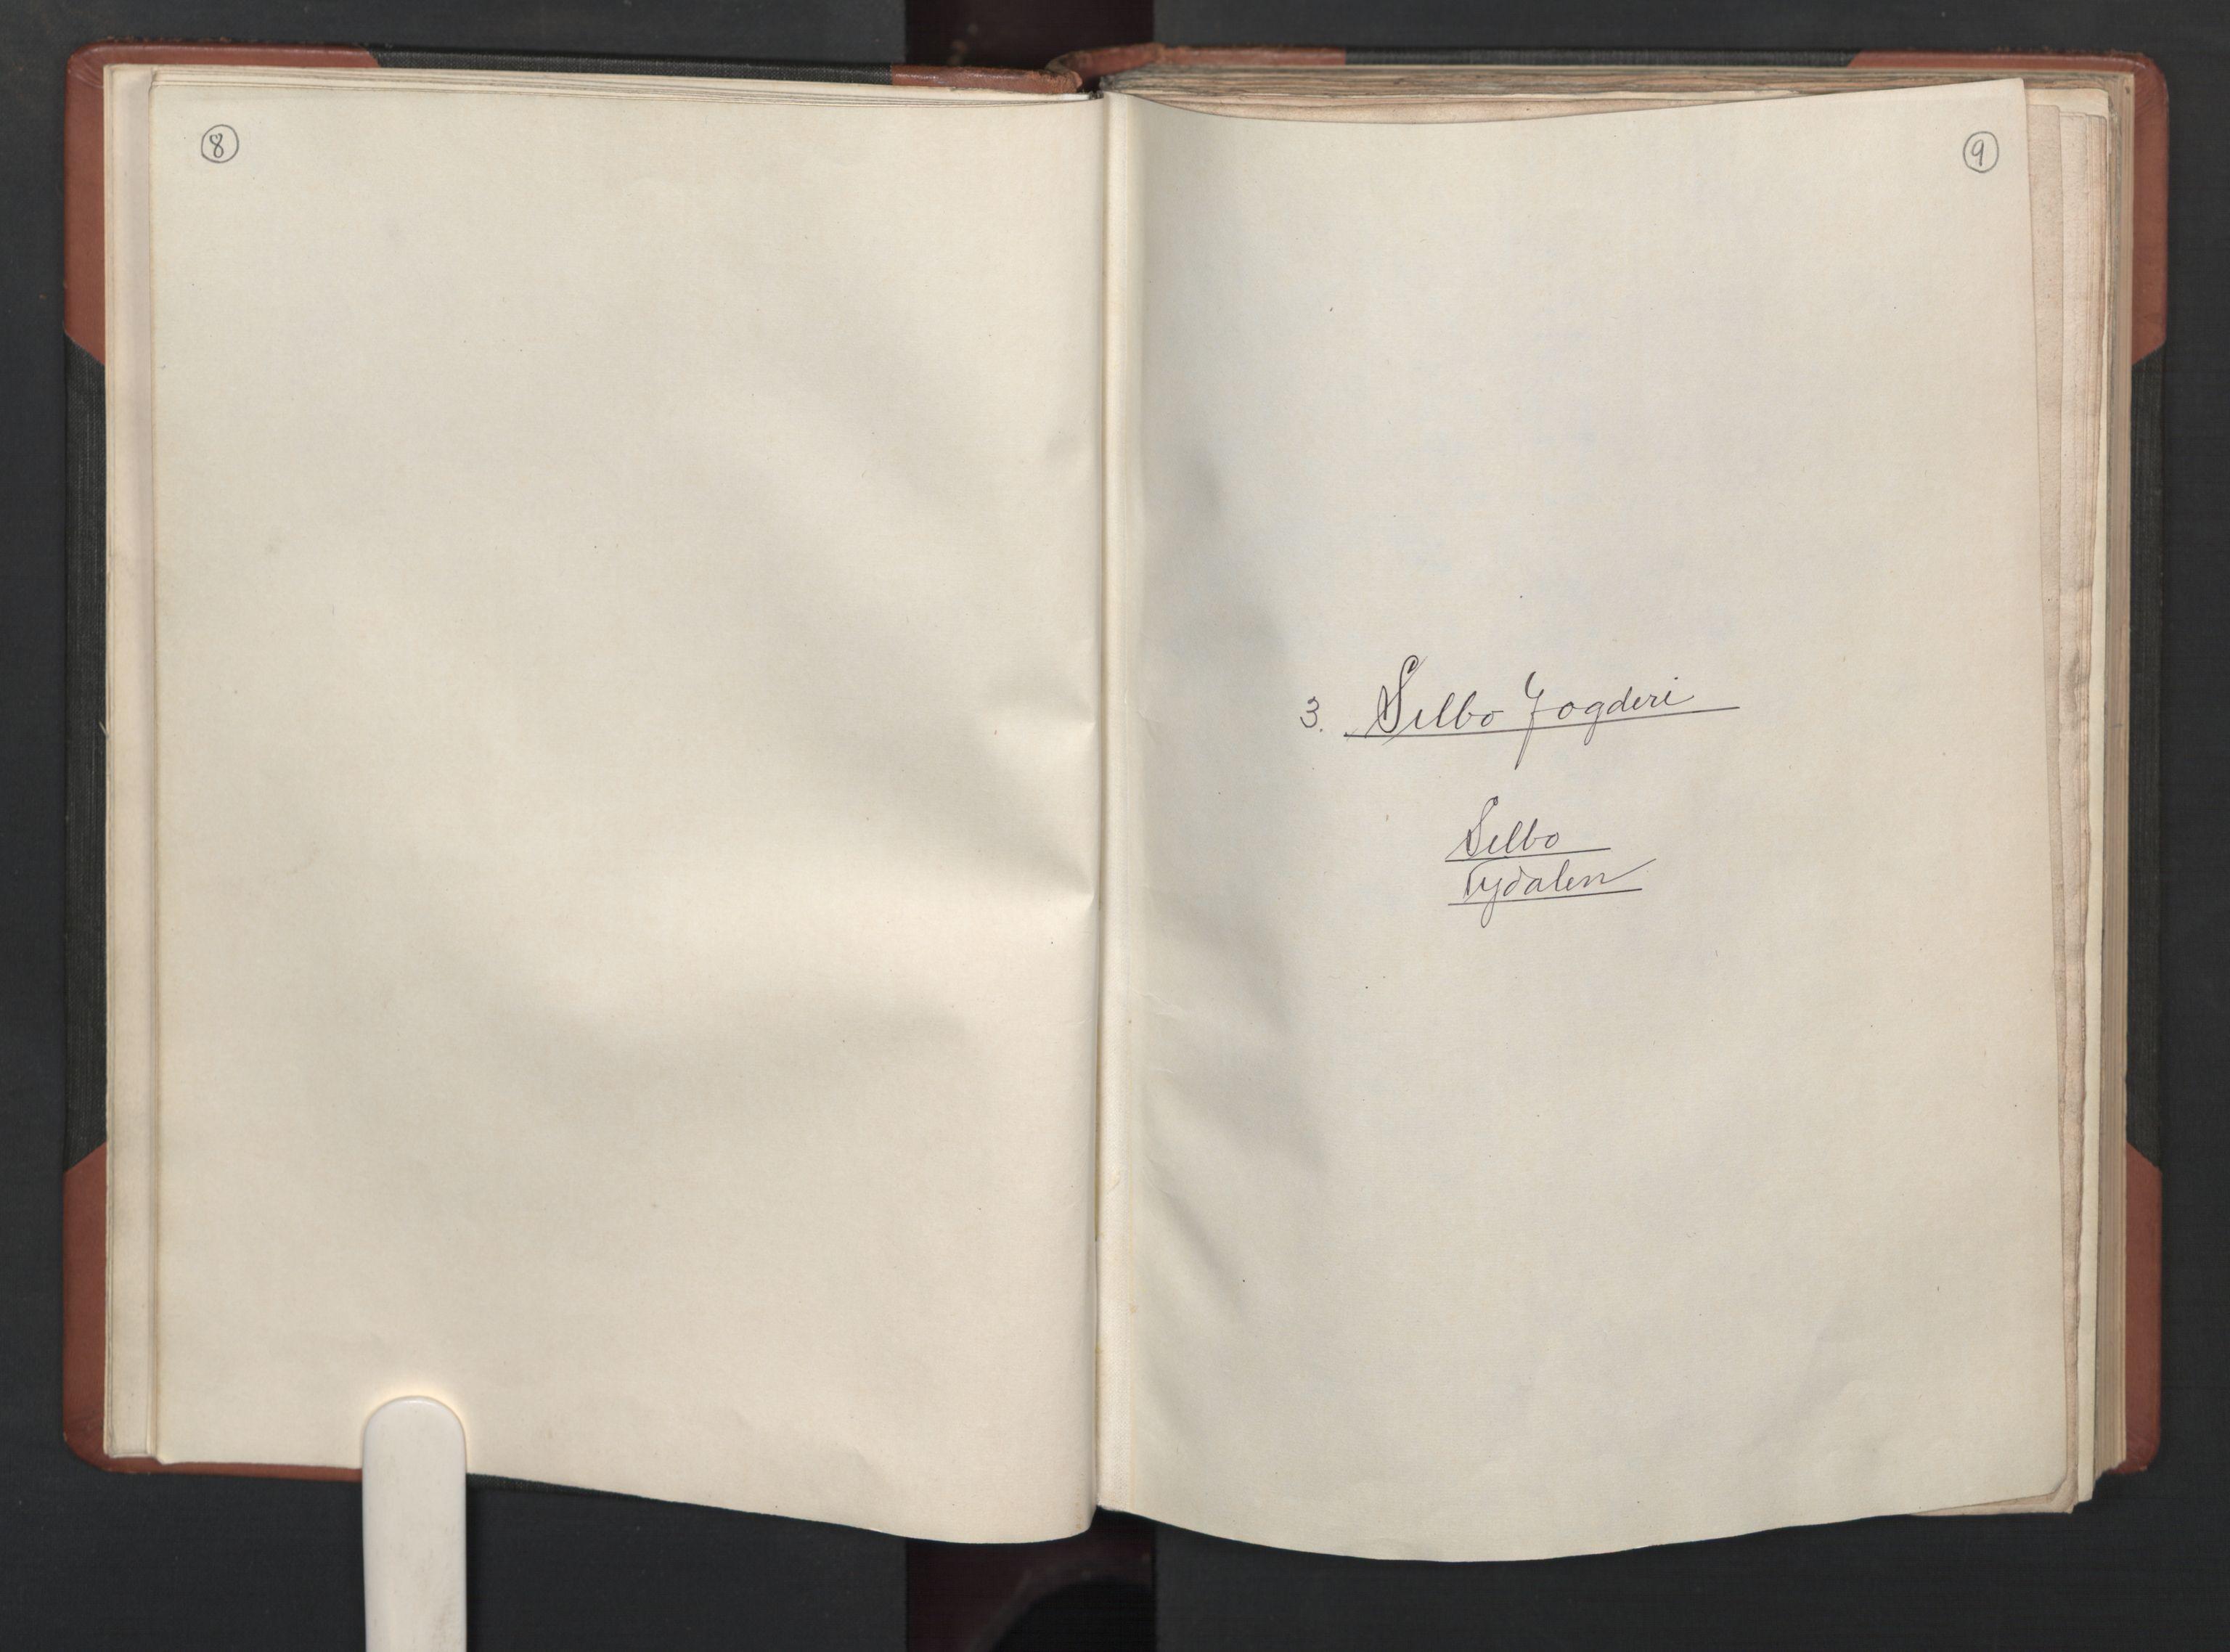 RA, Fogdenes og sorenskrivernes manntall 1664-1666, nr. 19: Fosen fogderi, Inderøy fogderi, Selbu fogderi, Namdal fogderi og Stjørdal fogderi, 1664-1665, s. 8-9